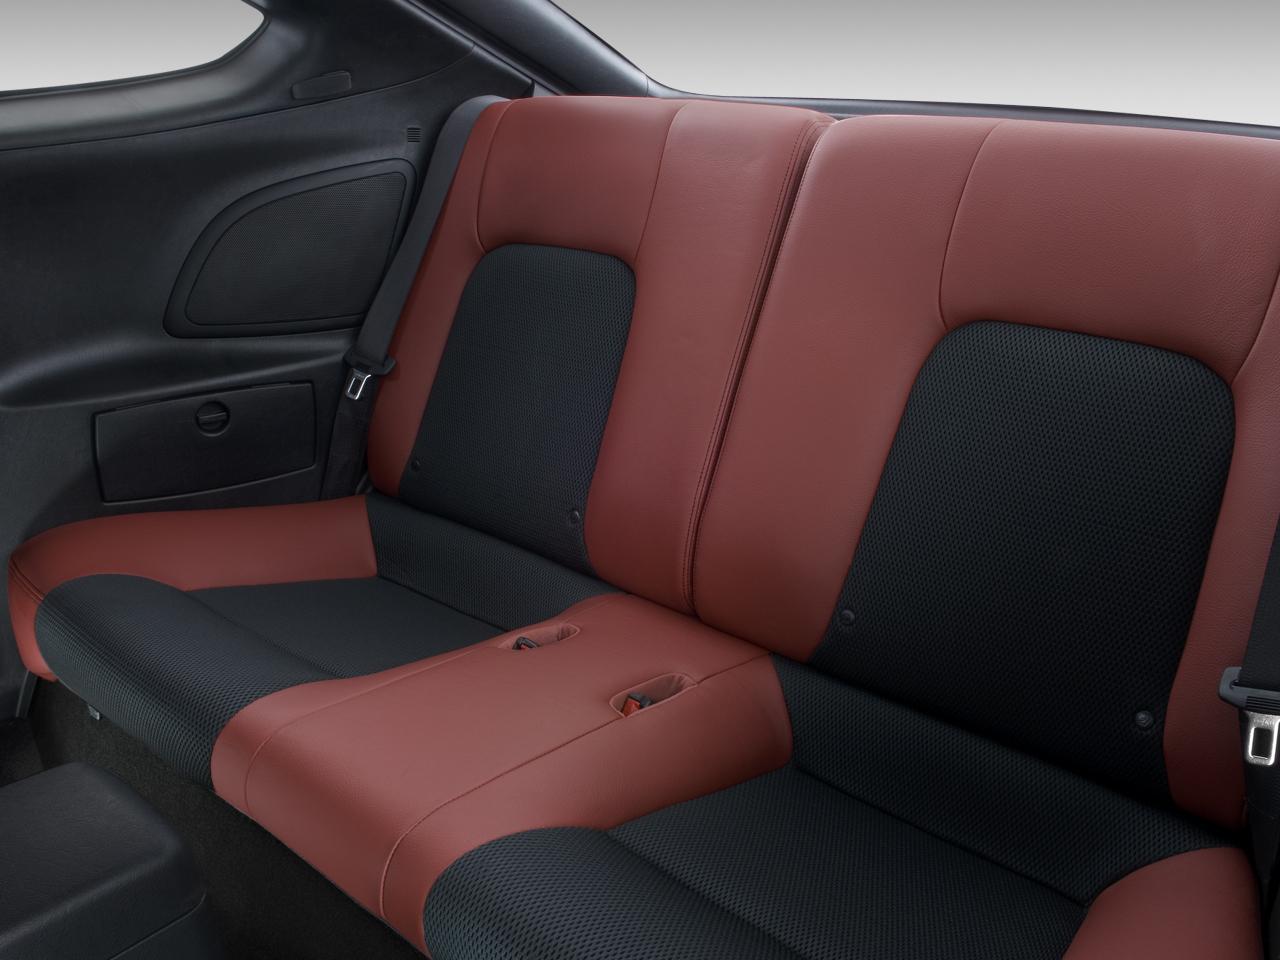 2008 hyundai tiburon gt v6 hyundai sport coupe review for Interior back doors